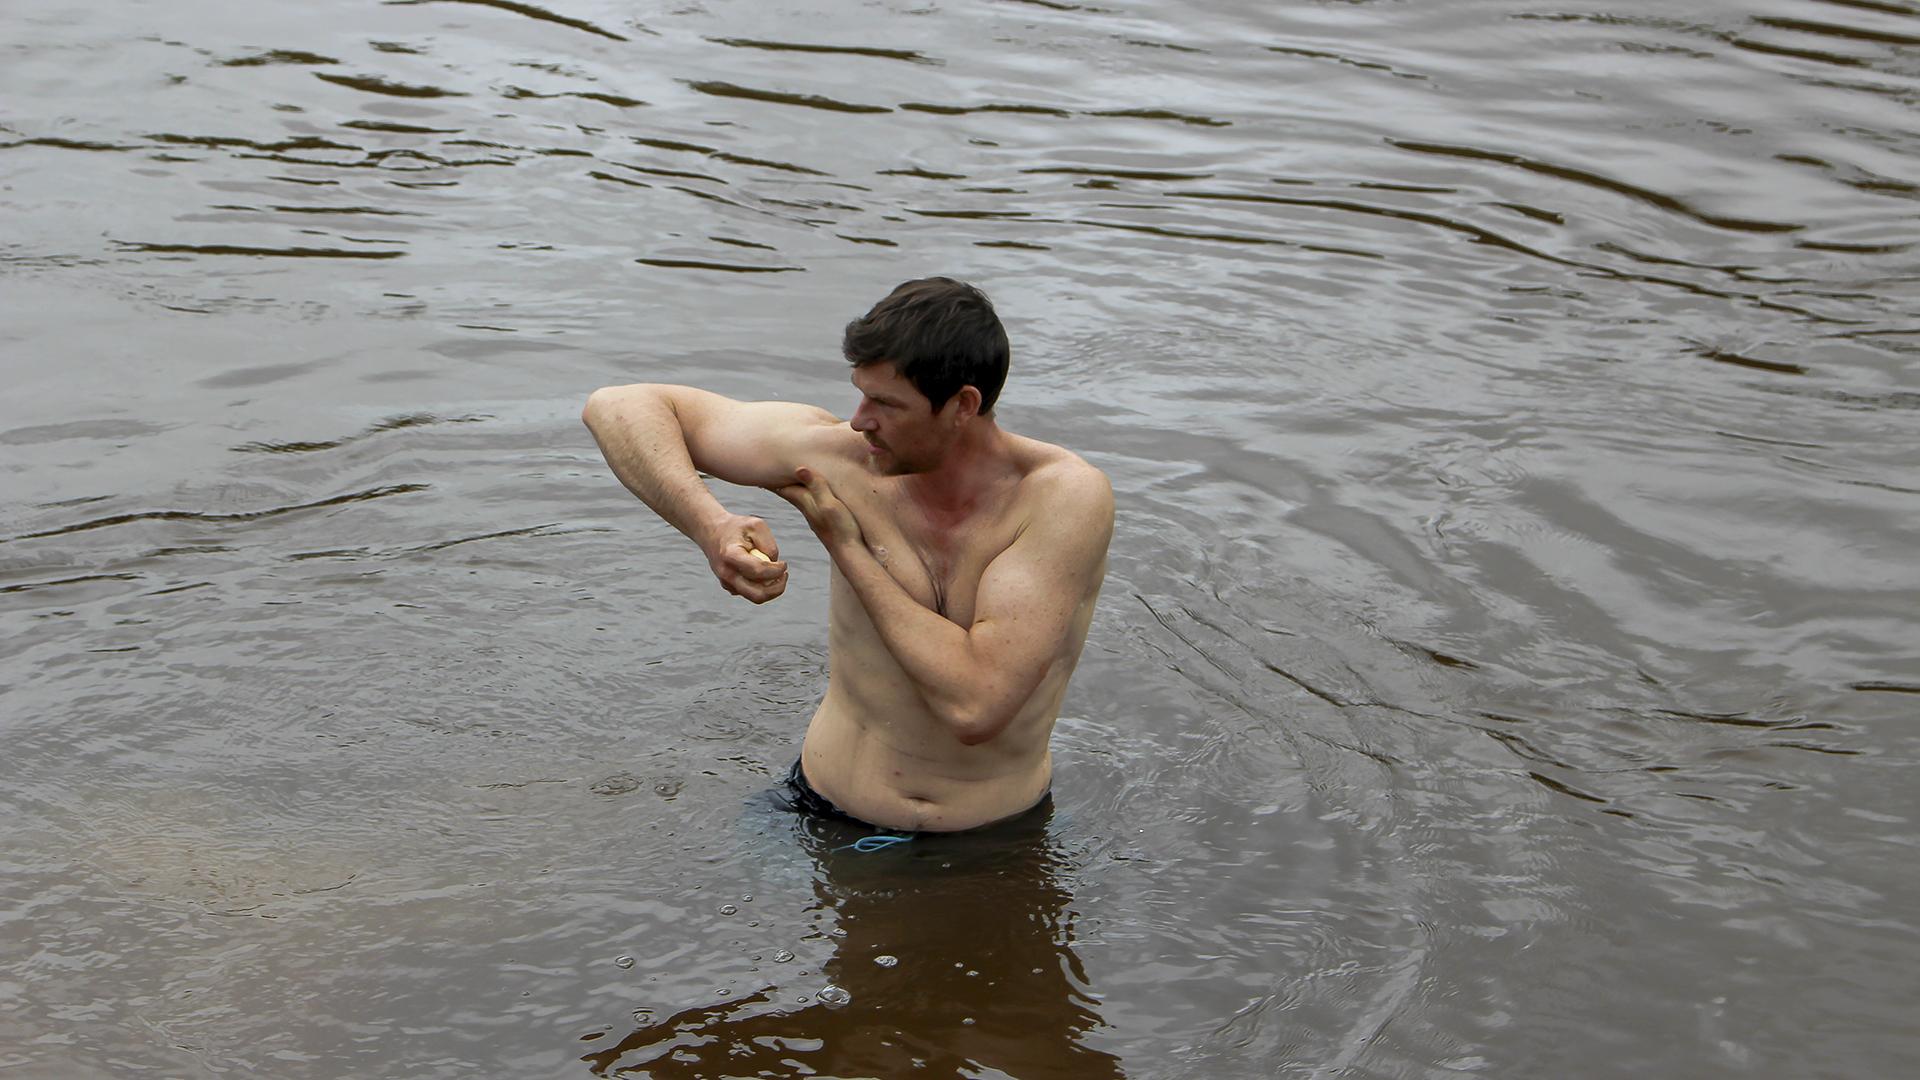 Dirk badet sich in Bolivien @ Gesa Koch-Weser / WWF Deutschland